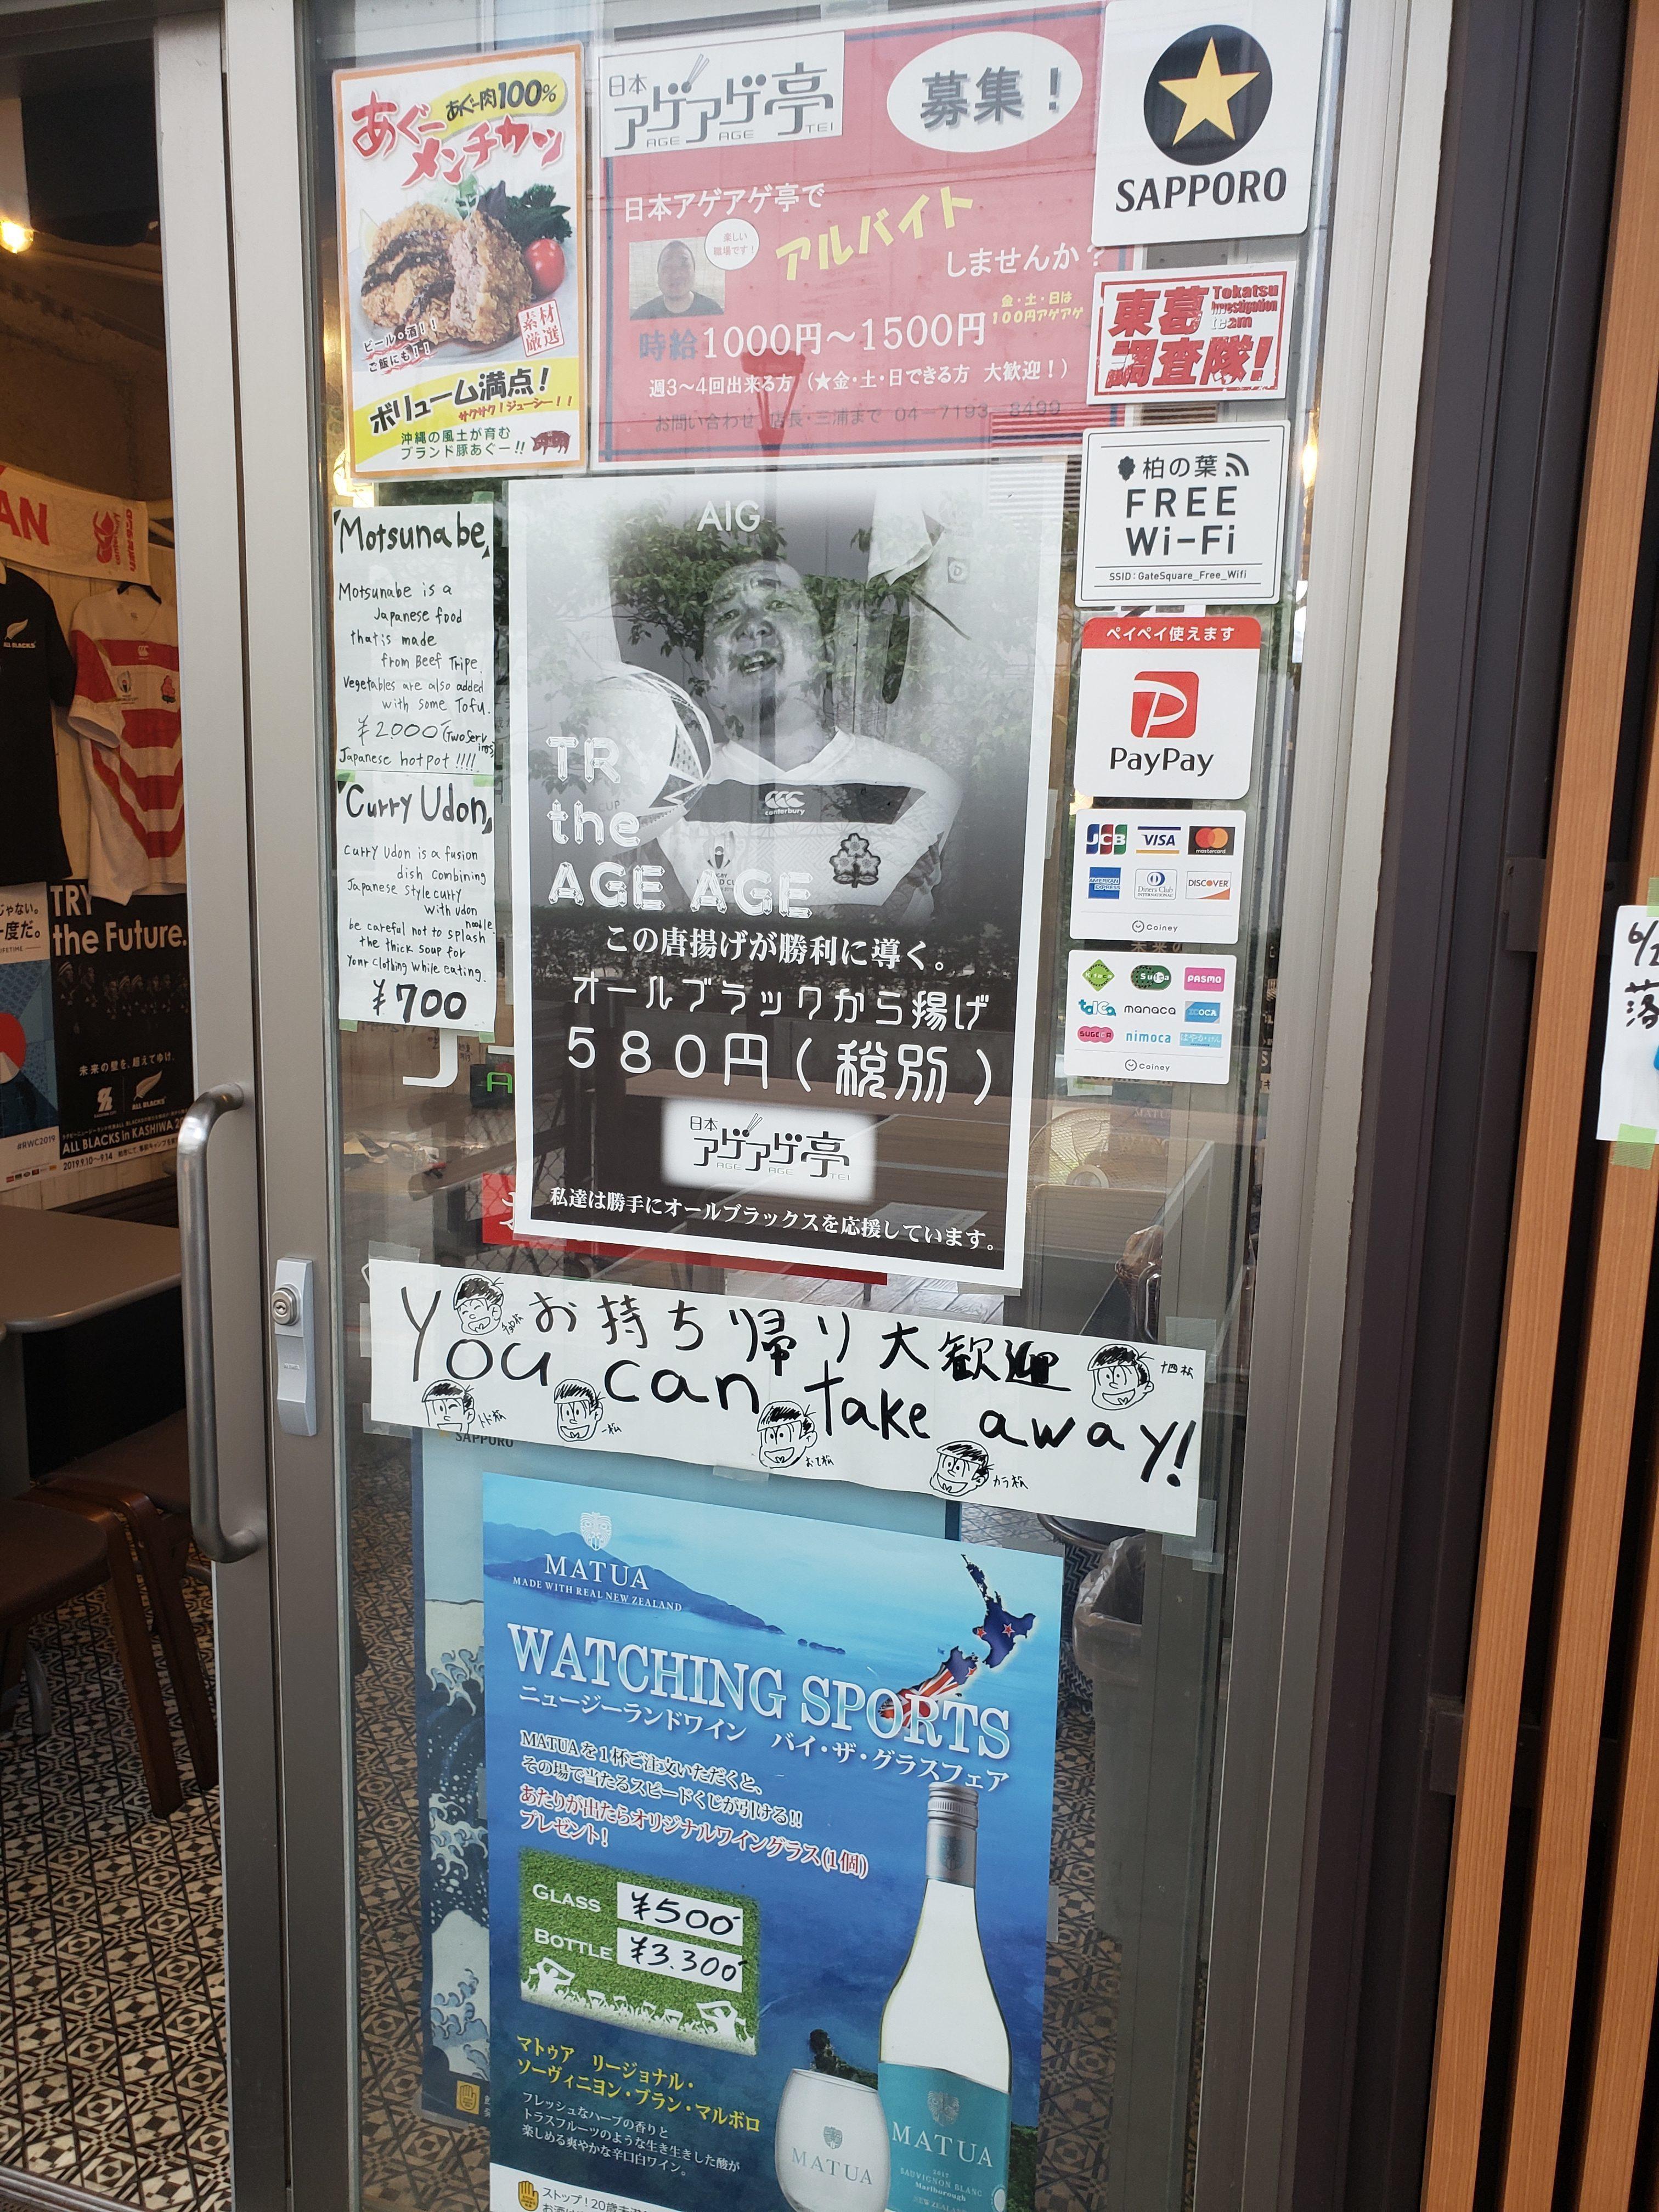 8月よ、さようなら!9月スタート!!日本アゲアゲ亭